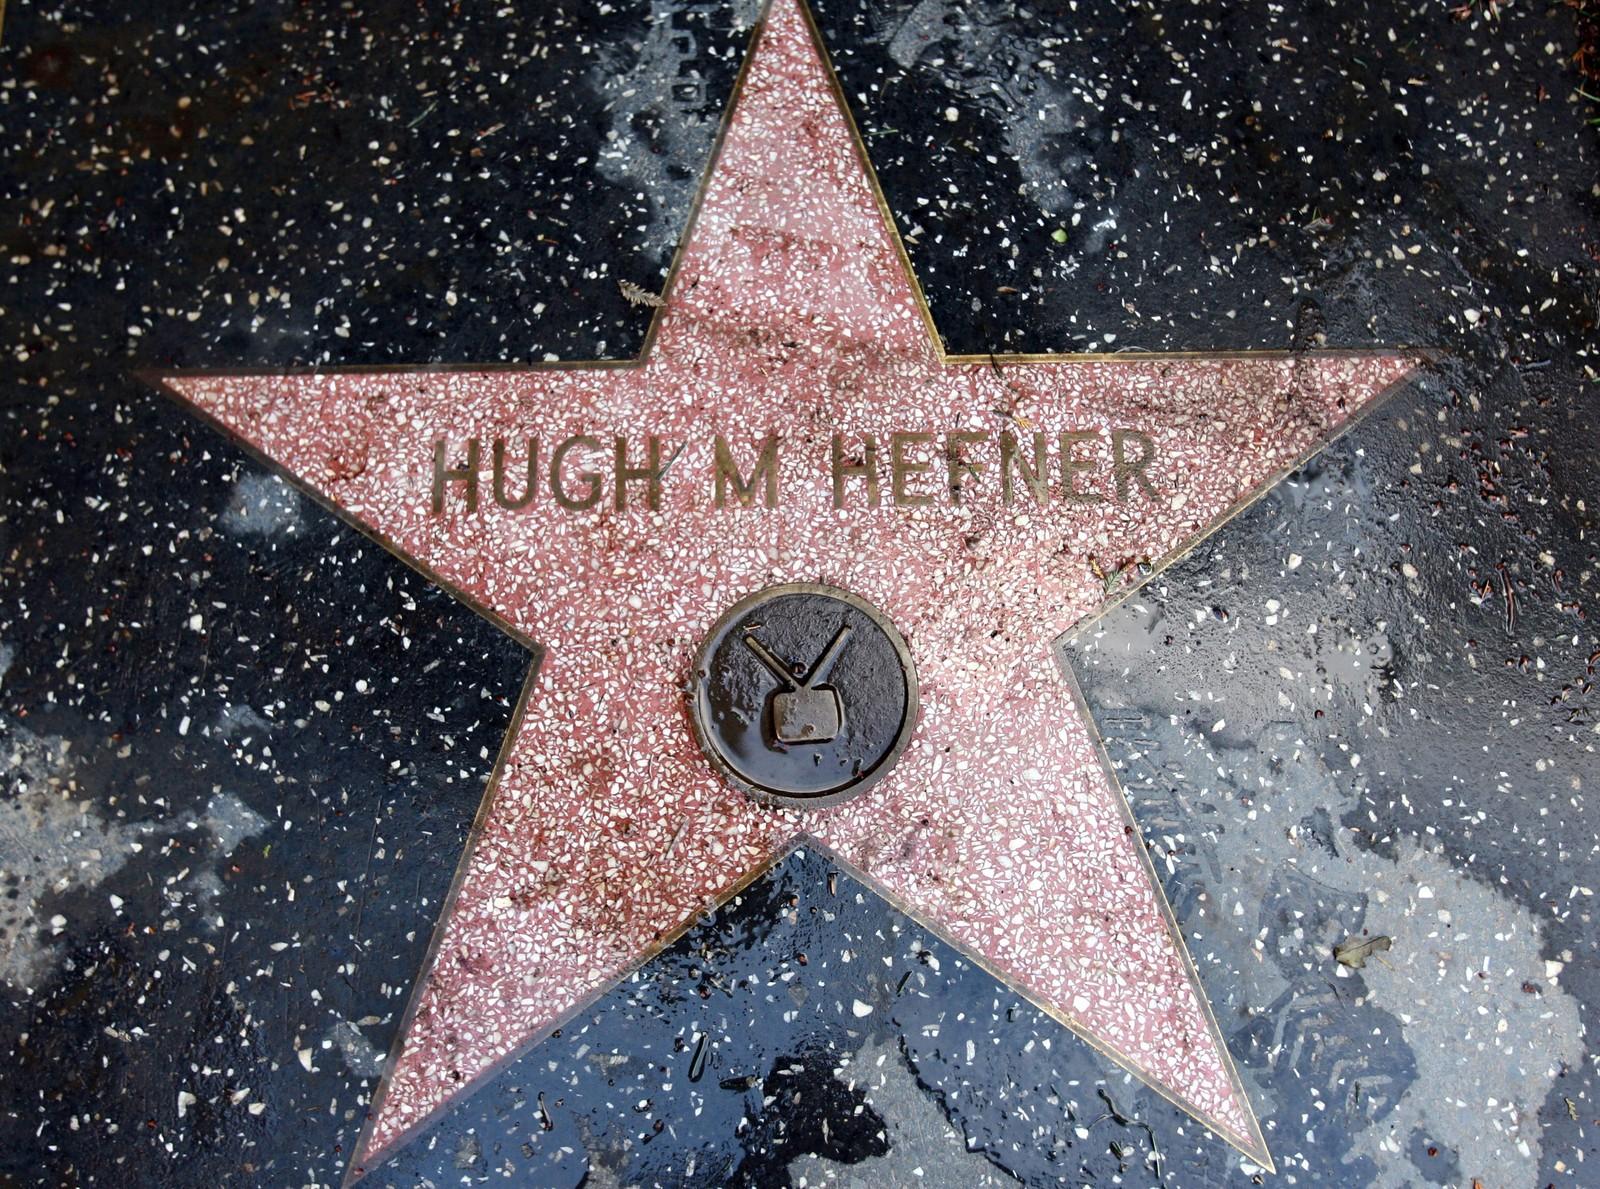 Hefner har sin egen stjerne på Hollywood Walk of Fame.